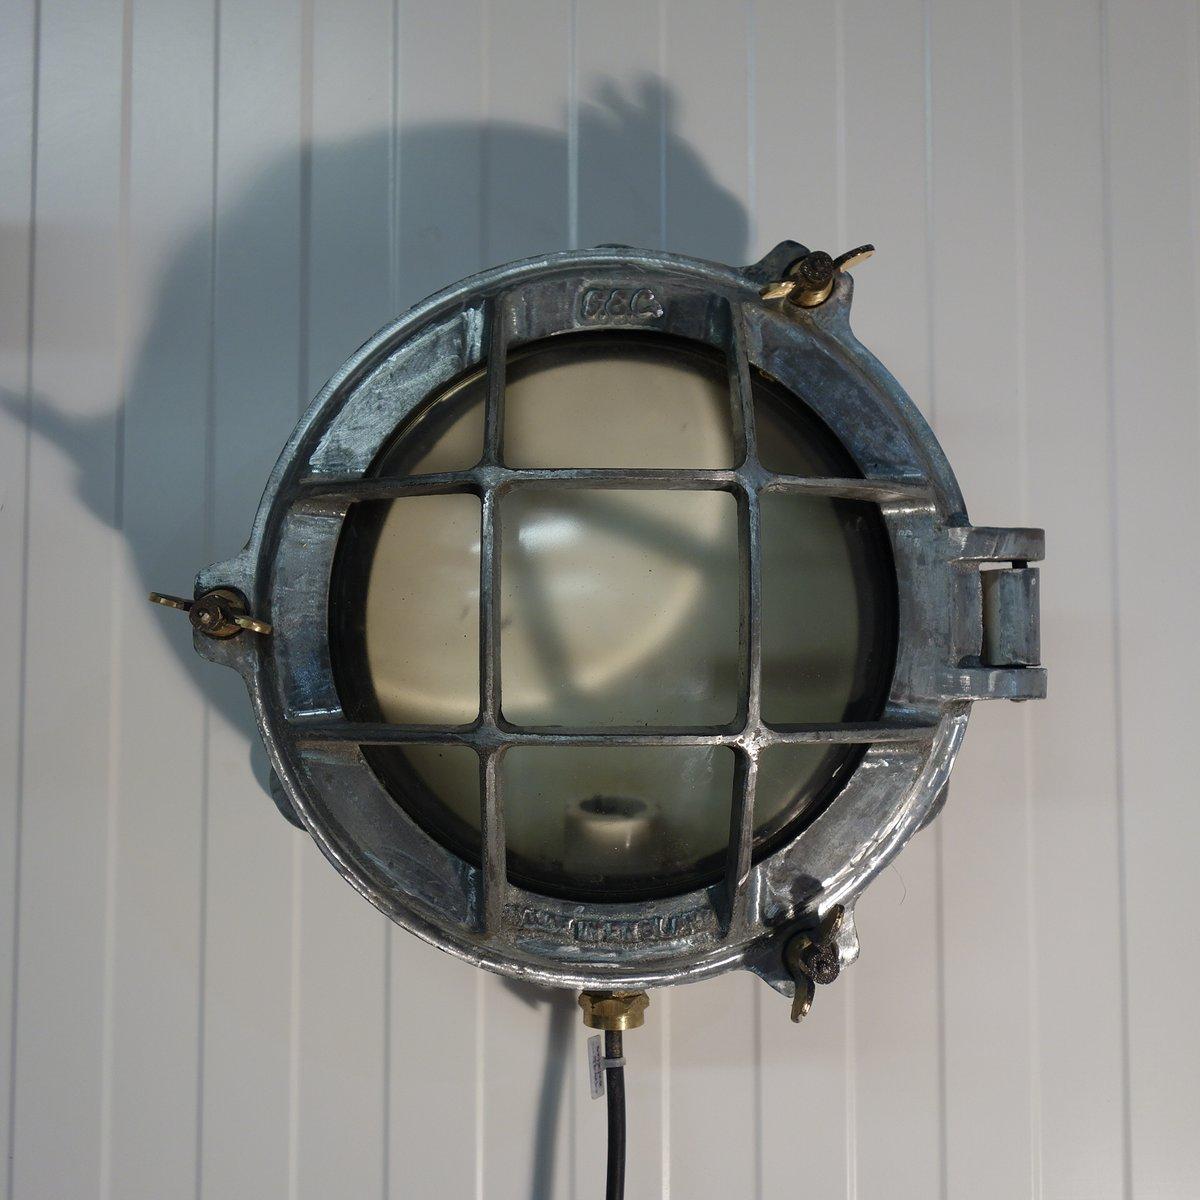 Industrielle Schottwandleuchte aus gebürstetem Aluminium von Gec, 1950...